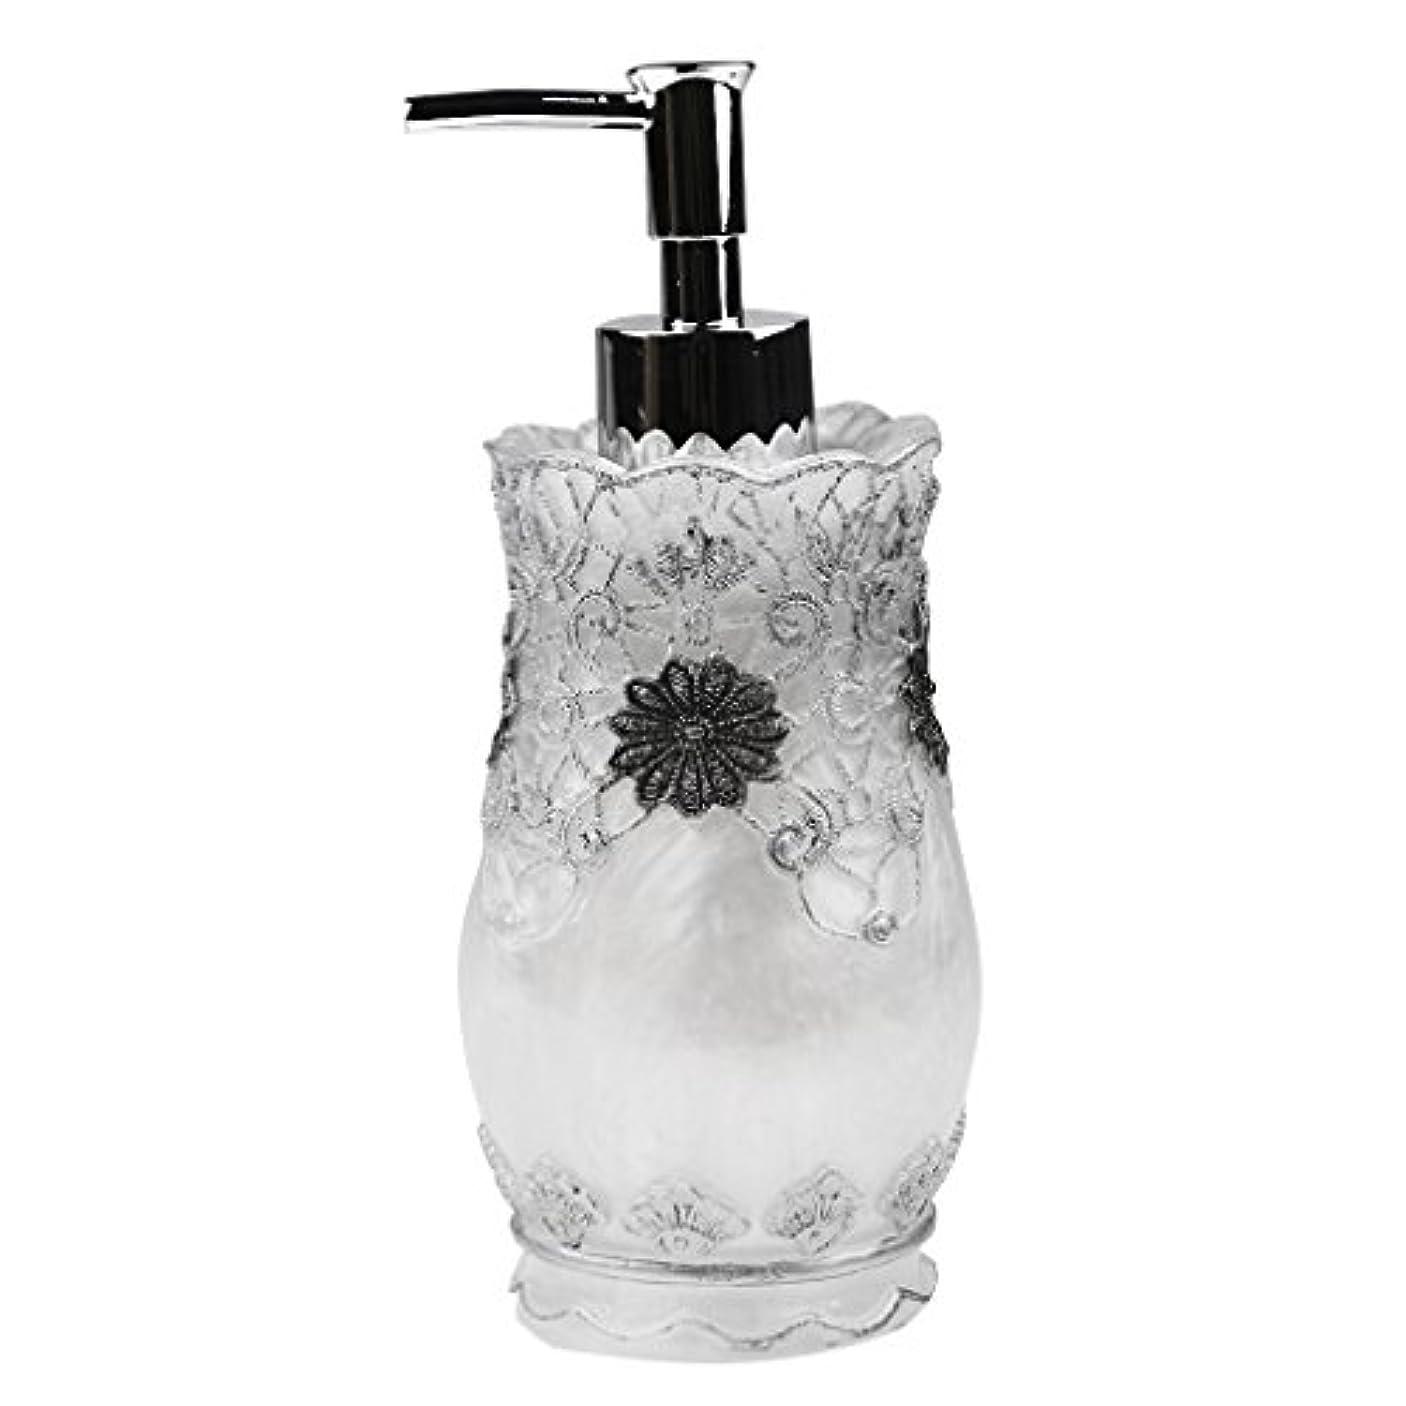 しかし事前に新年Flameer シャンプー ボディークレンザー 液体石鹸などローション適用 詰め替え 高品質 樹脂 空 ポンプ瓶 全4種類  - #2